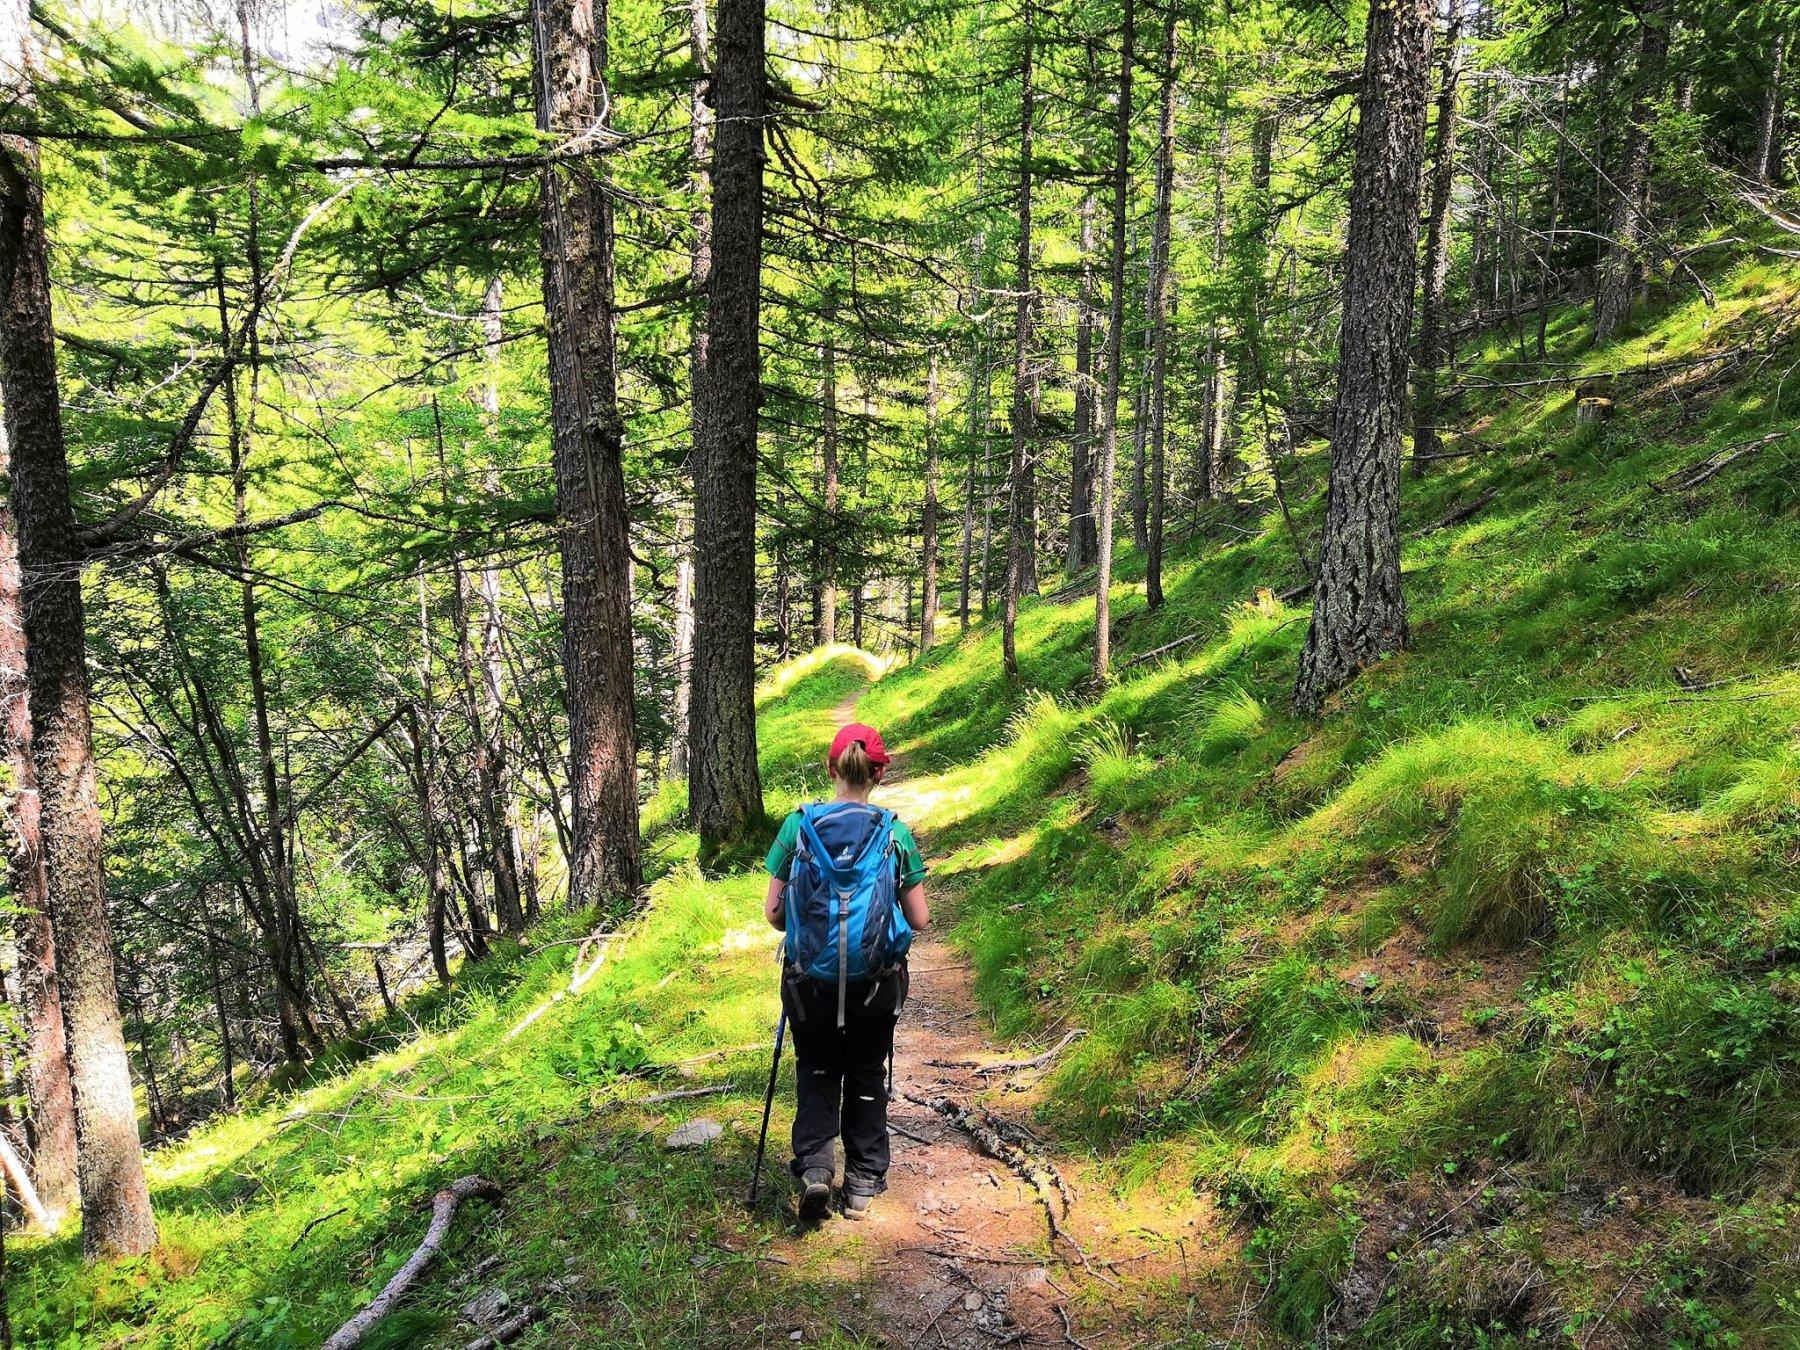 Ormai prossimi a Laval, nuovamente bel sentiero nel bosco